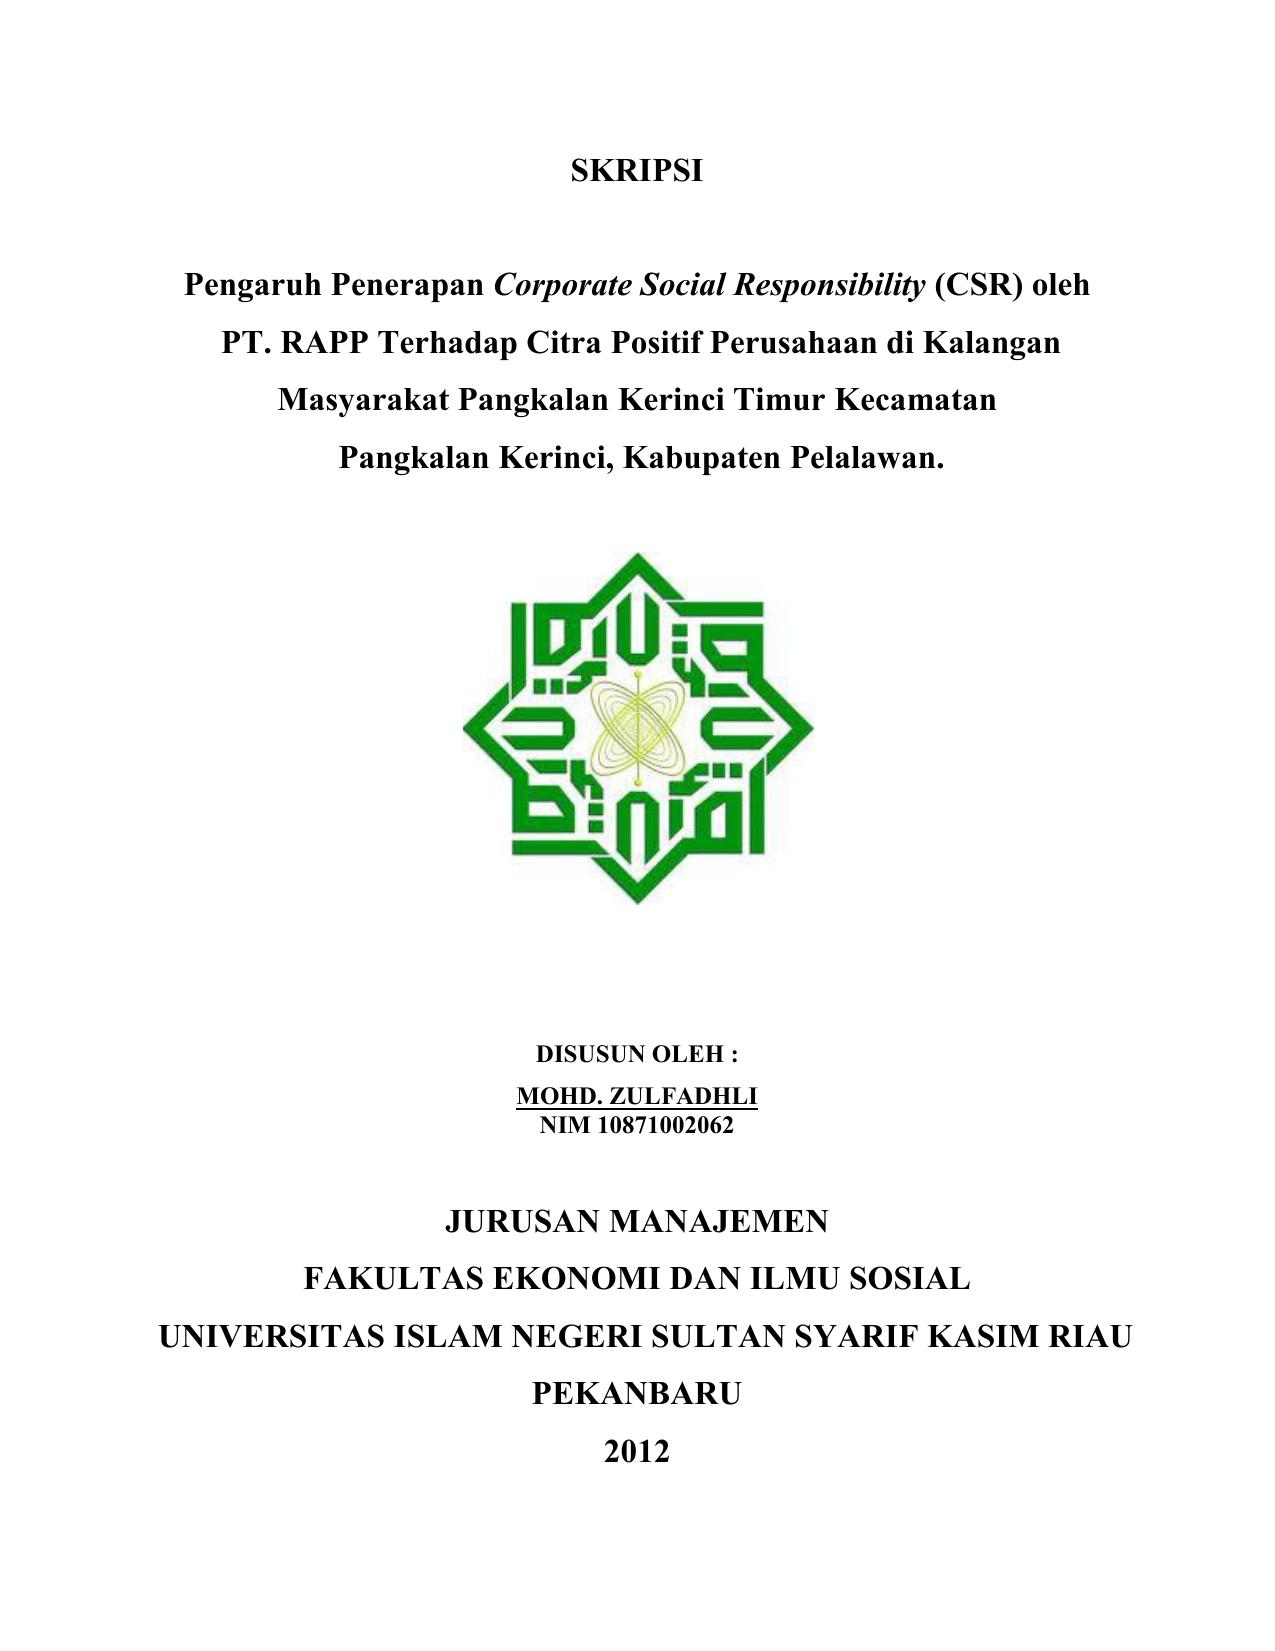 Skripsi Pengaruh Penerapan Corporate Social Responsibility Csr